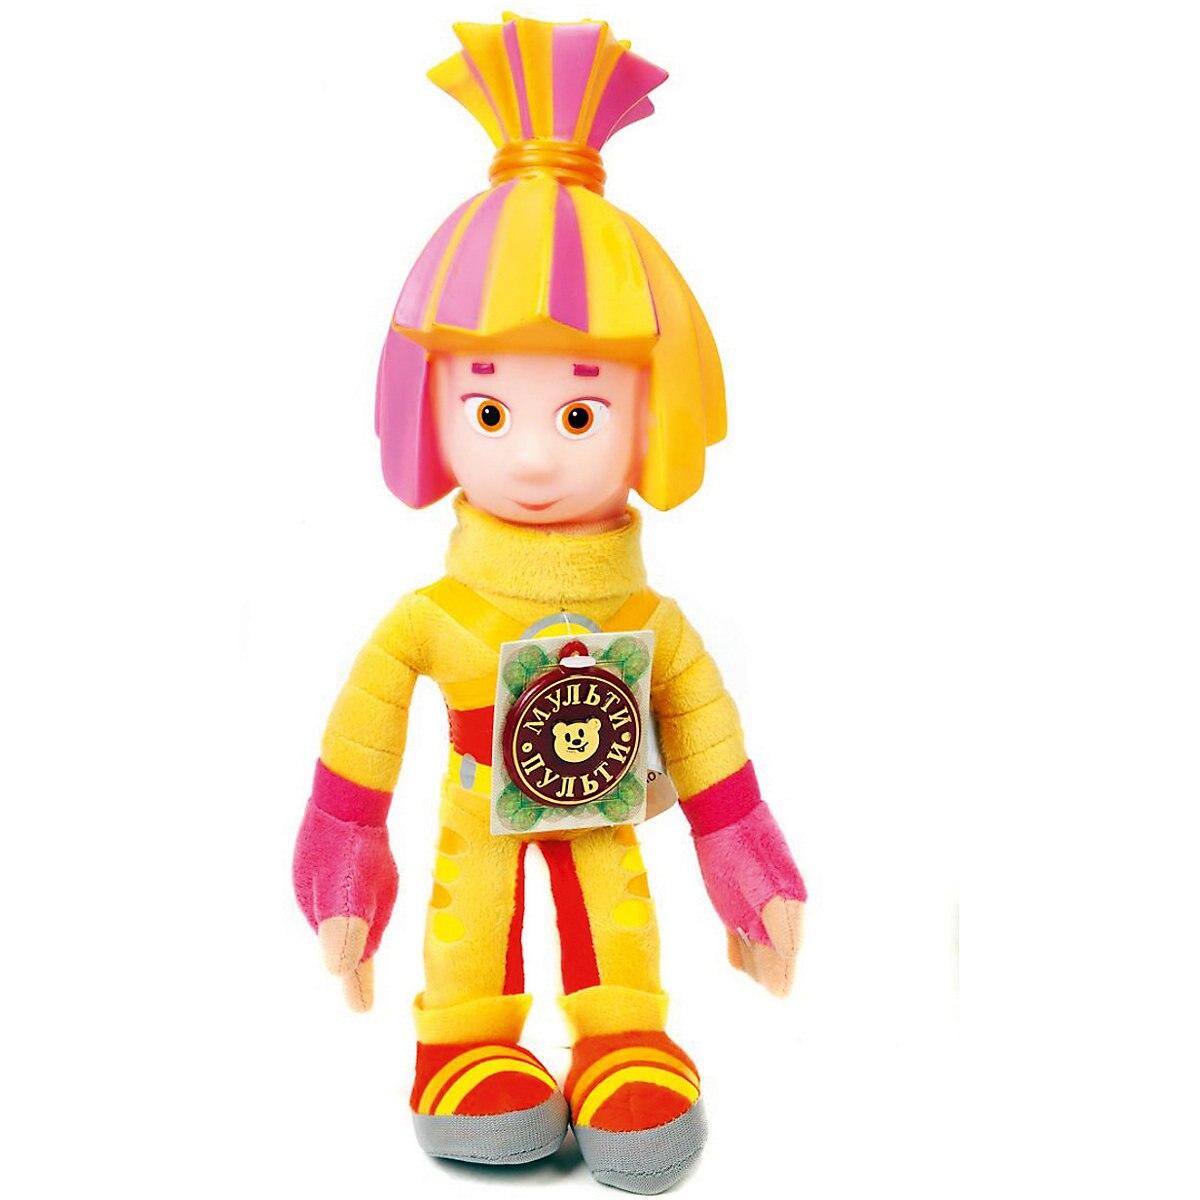 Multipulti de peluche y felpa animales 7120280 juguetes niños y niñas suave presente niños niño bebé niña juguete